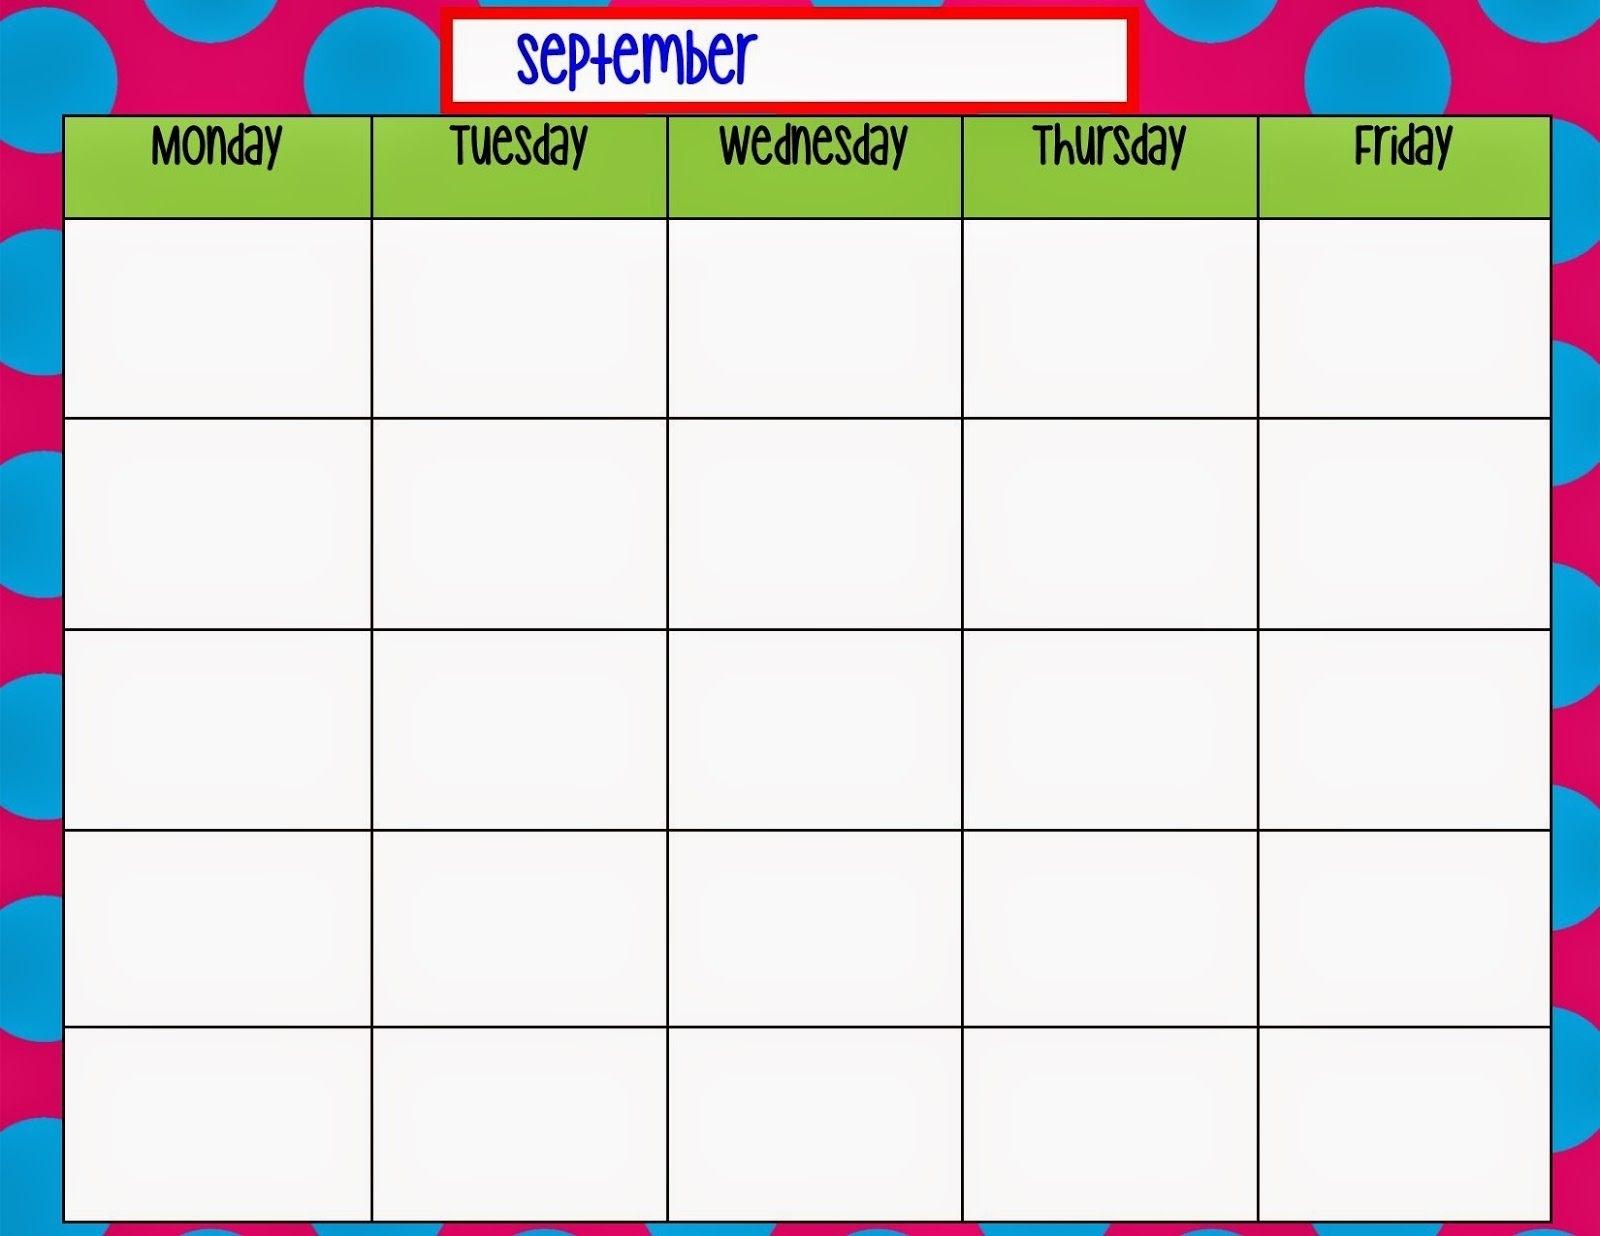 Monday Through Friday Calendar Template | Preschool | Printable in Monday Through Friday Calendar Template